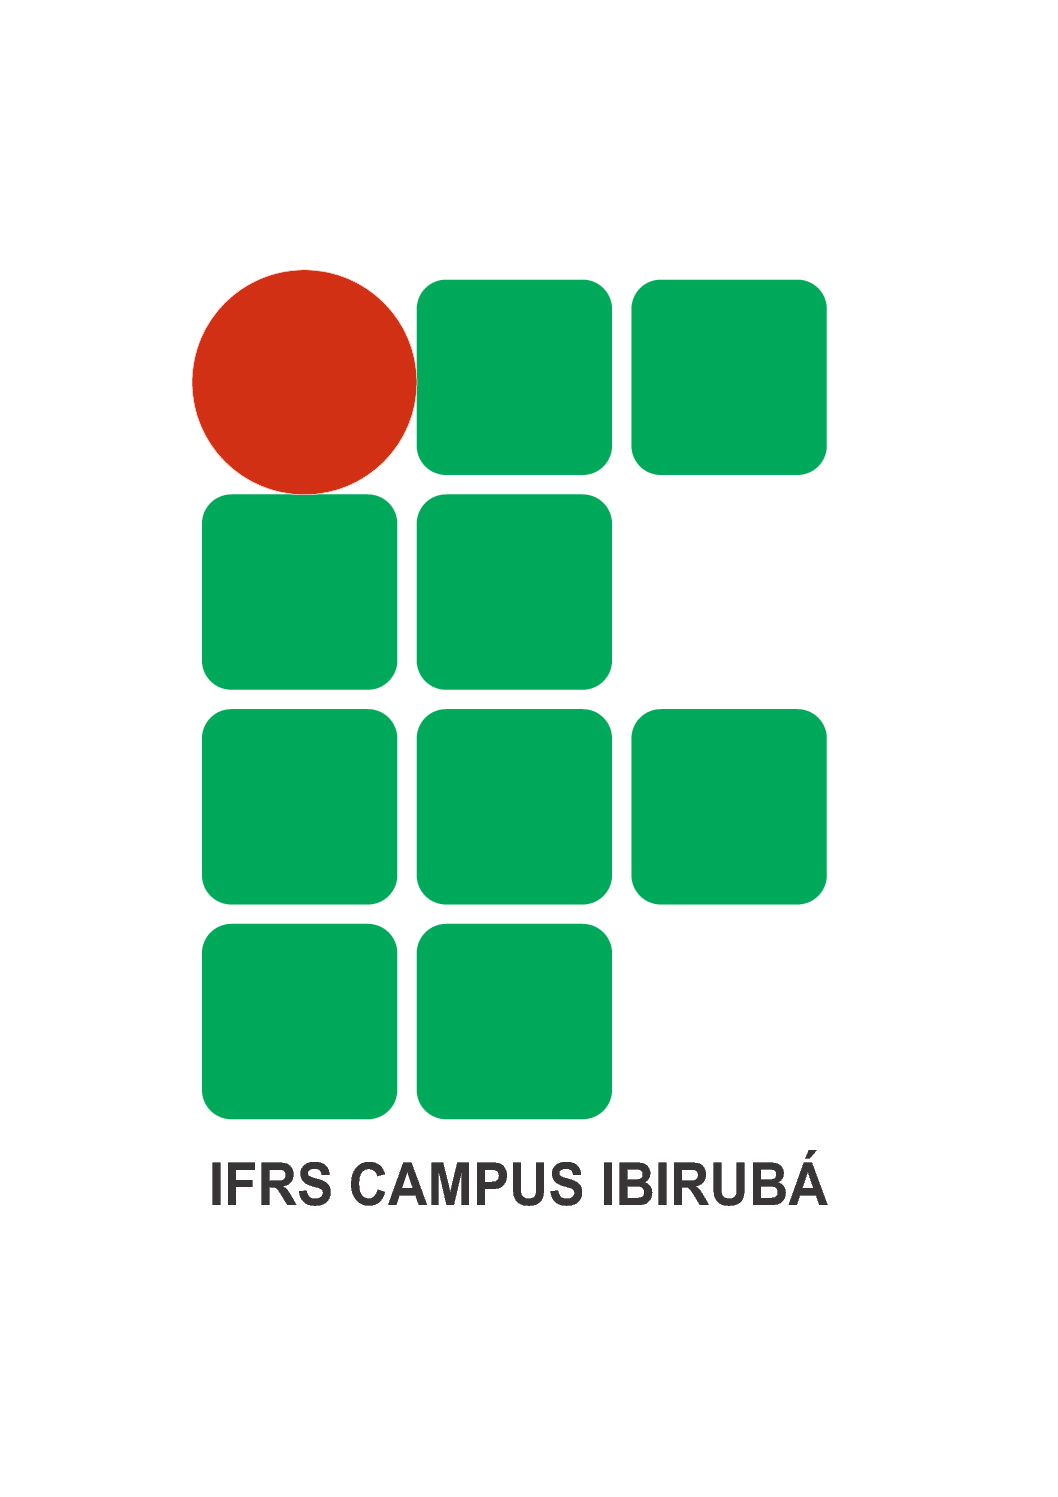 FARDAMENTO DE JOGO, COMISSÃO TÉCNICA E PASSEIO PARA IFRS PÓLO DE IBIRUBÁ/RS.